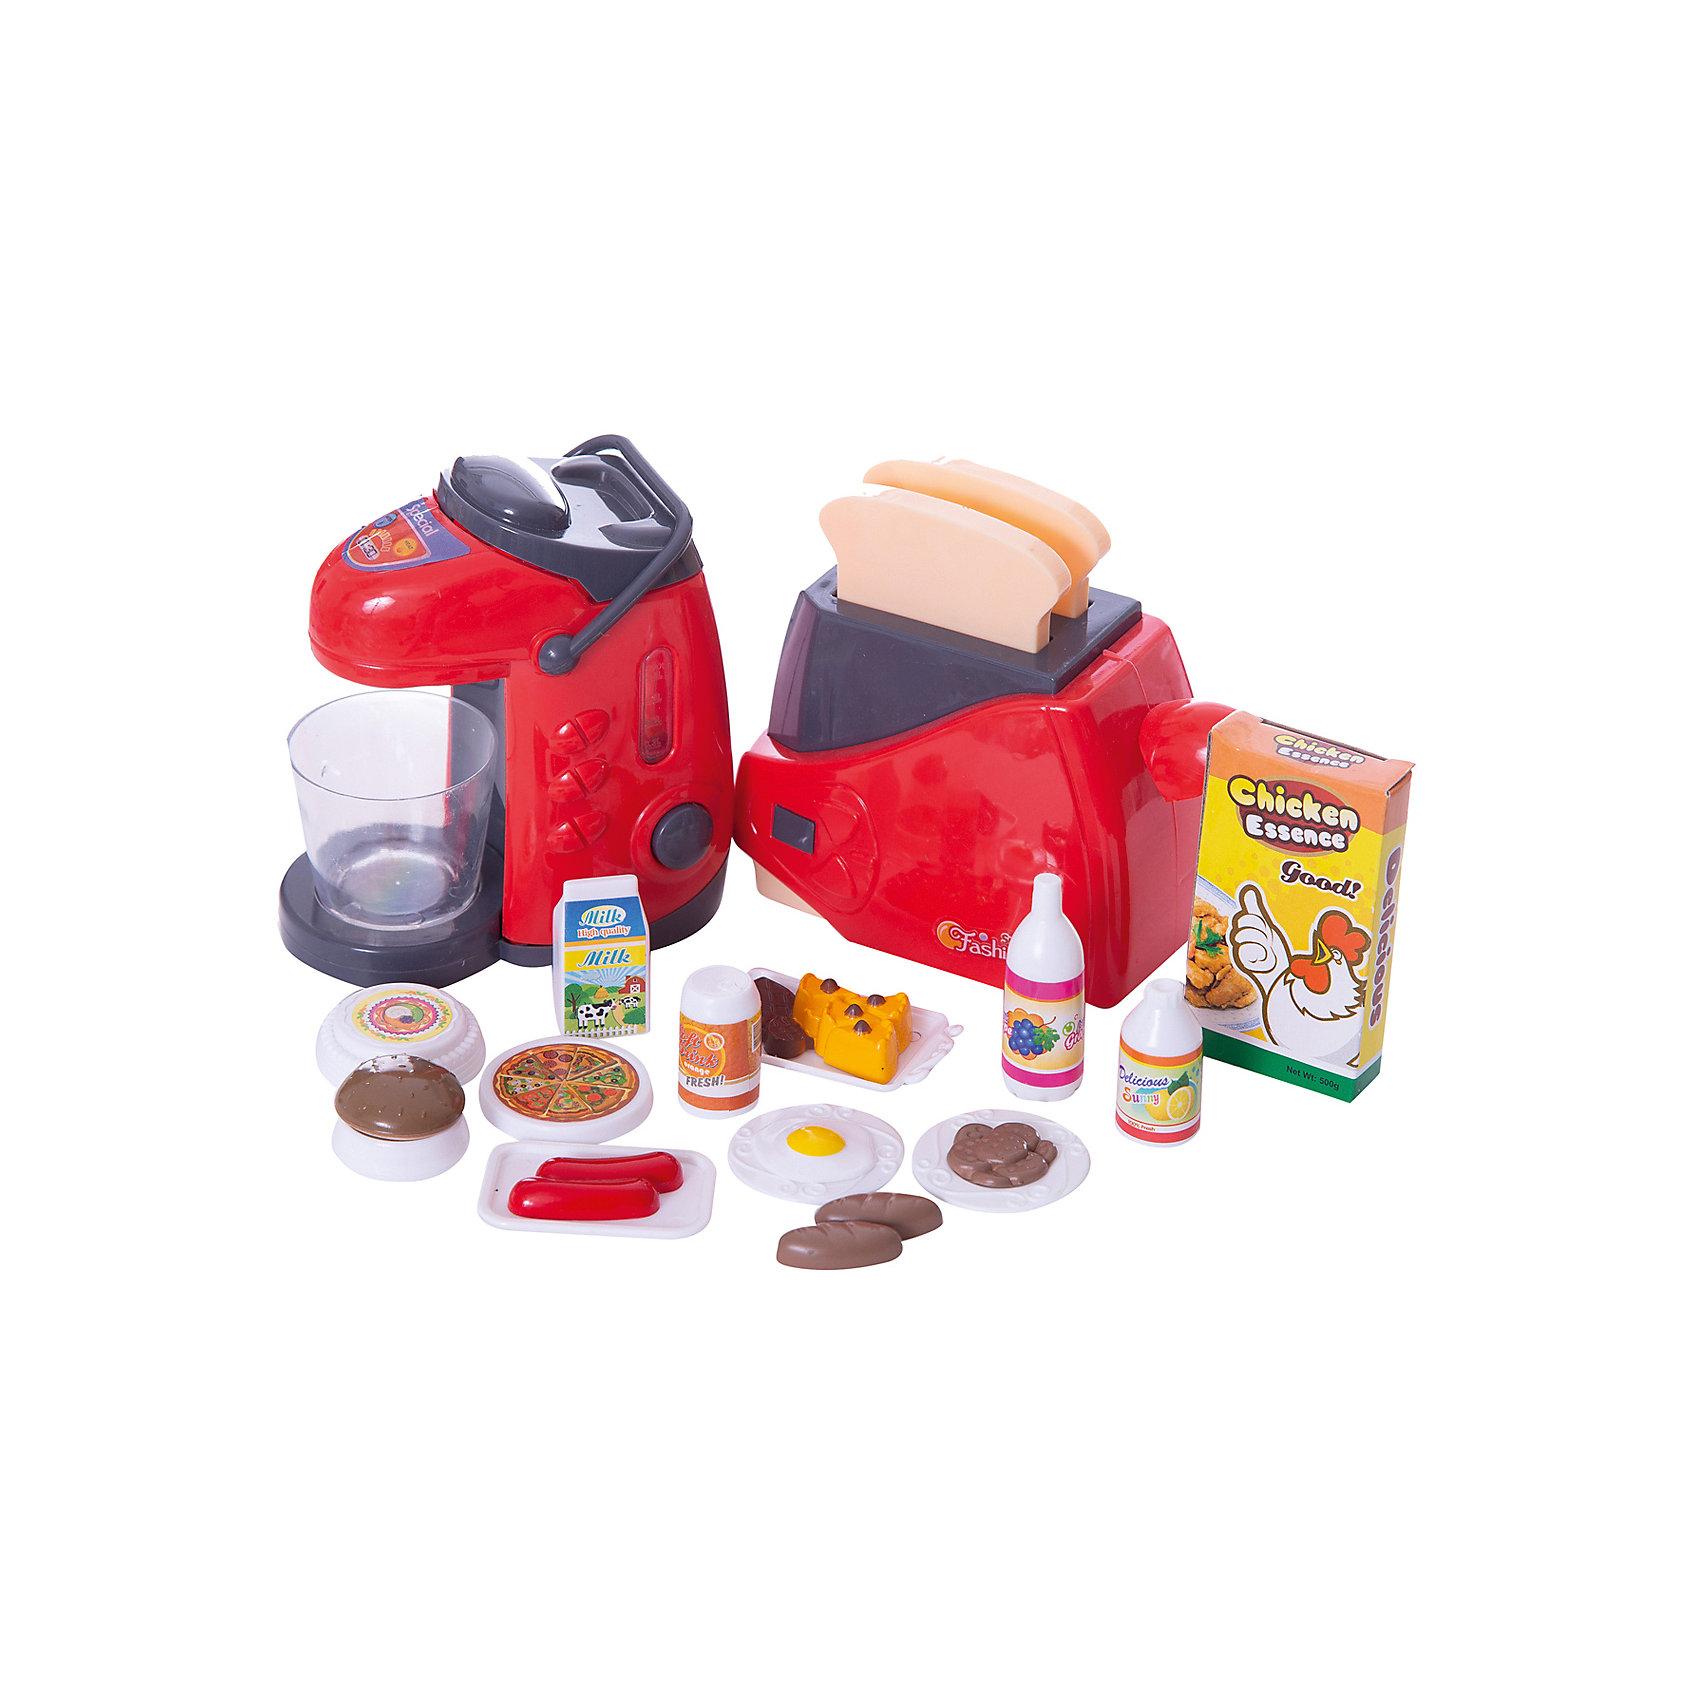 - Набор детской посуды и продуктов: ти-пот и тостер, с аксессуарами, JUNFA